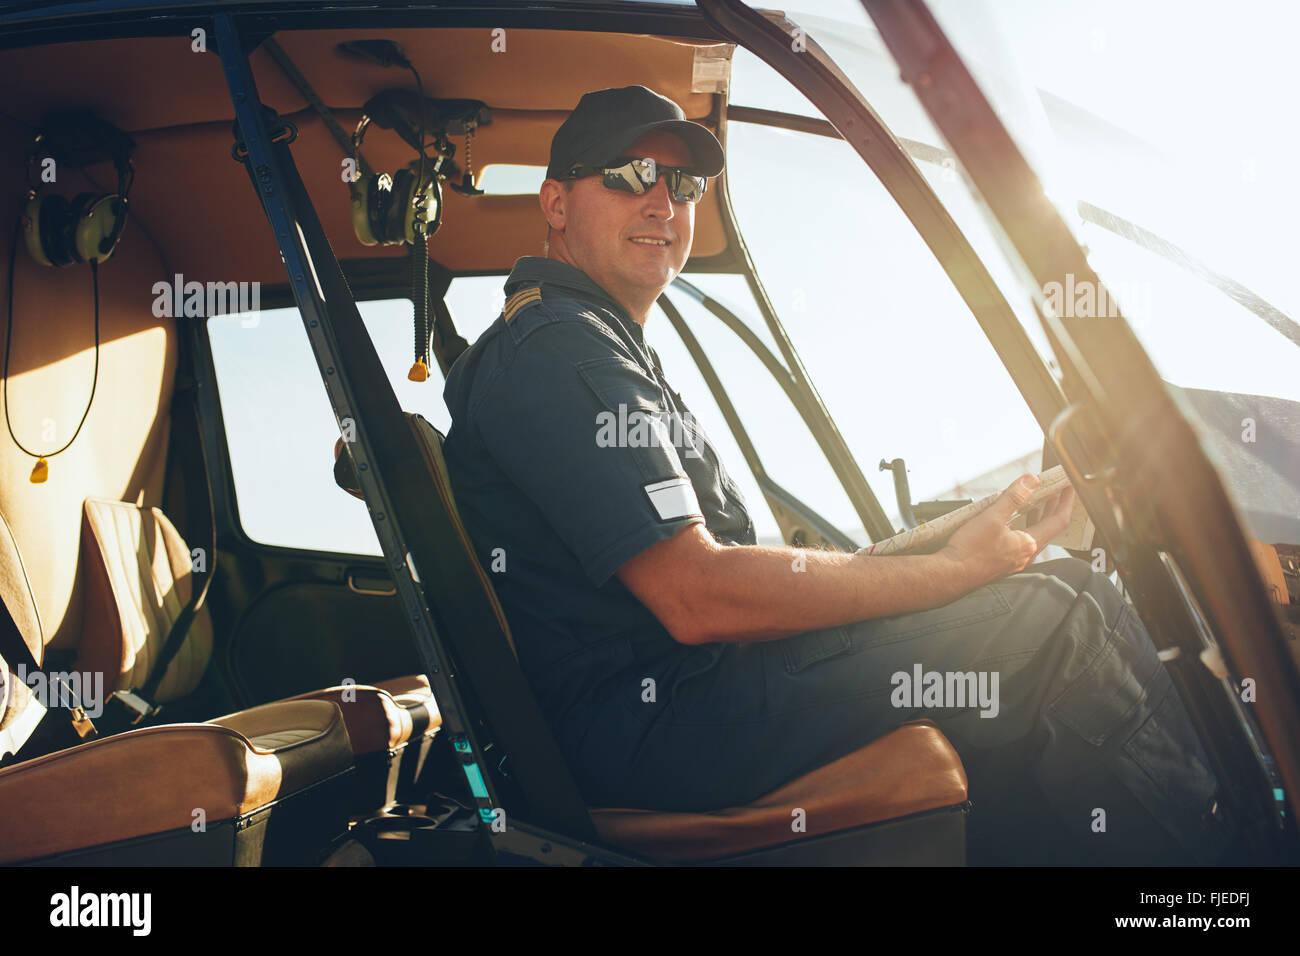 Porträt von glücklich männlichen pilot sitzt im Cockpit eines Hubschraubers mit einem Luftfahrt-Map. Stockbild